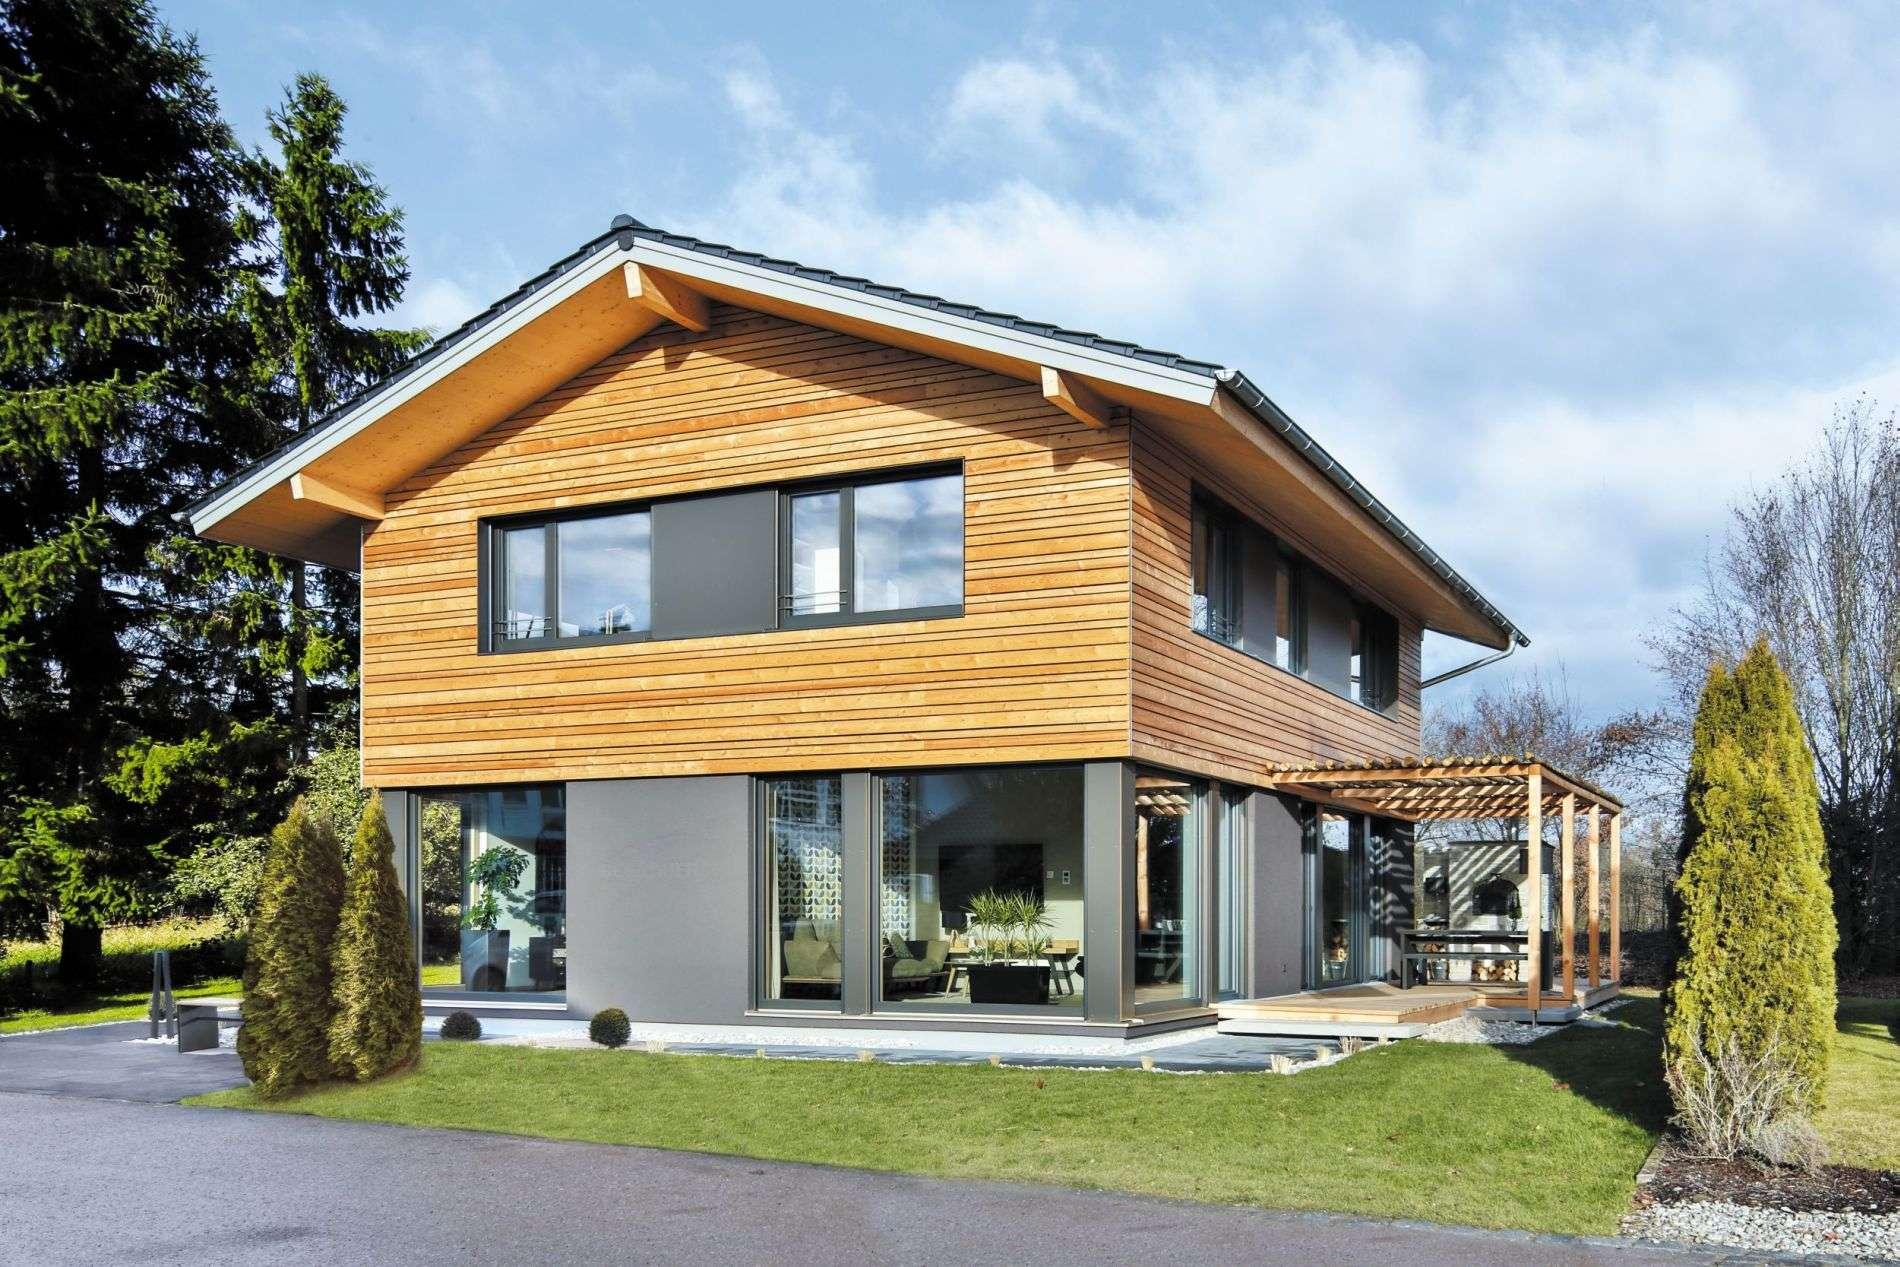 Schlicht, elegant, und gleichzeitig hochmodern:  Das neue Regnauer Musterhaus Heidi.